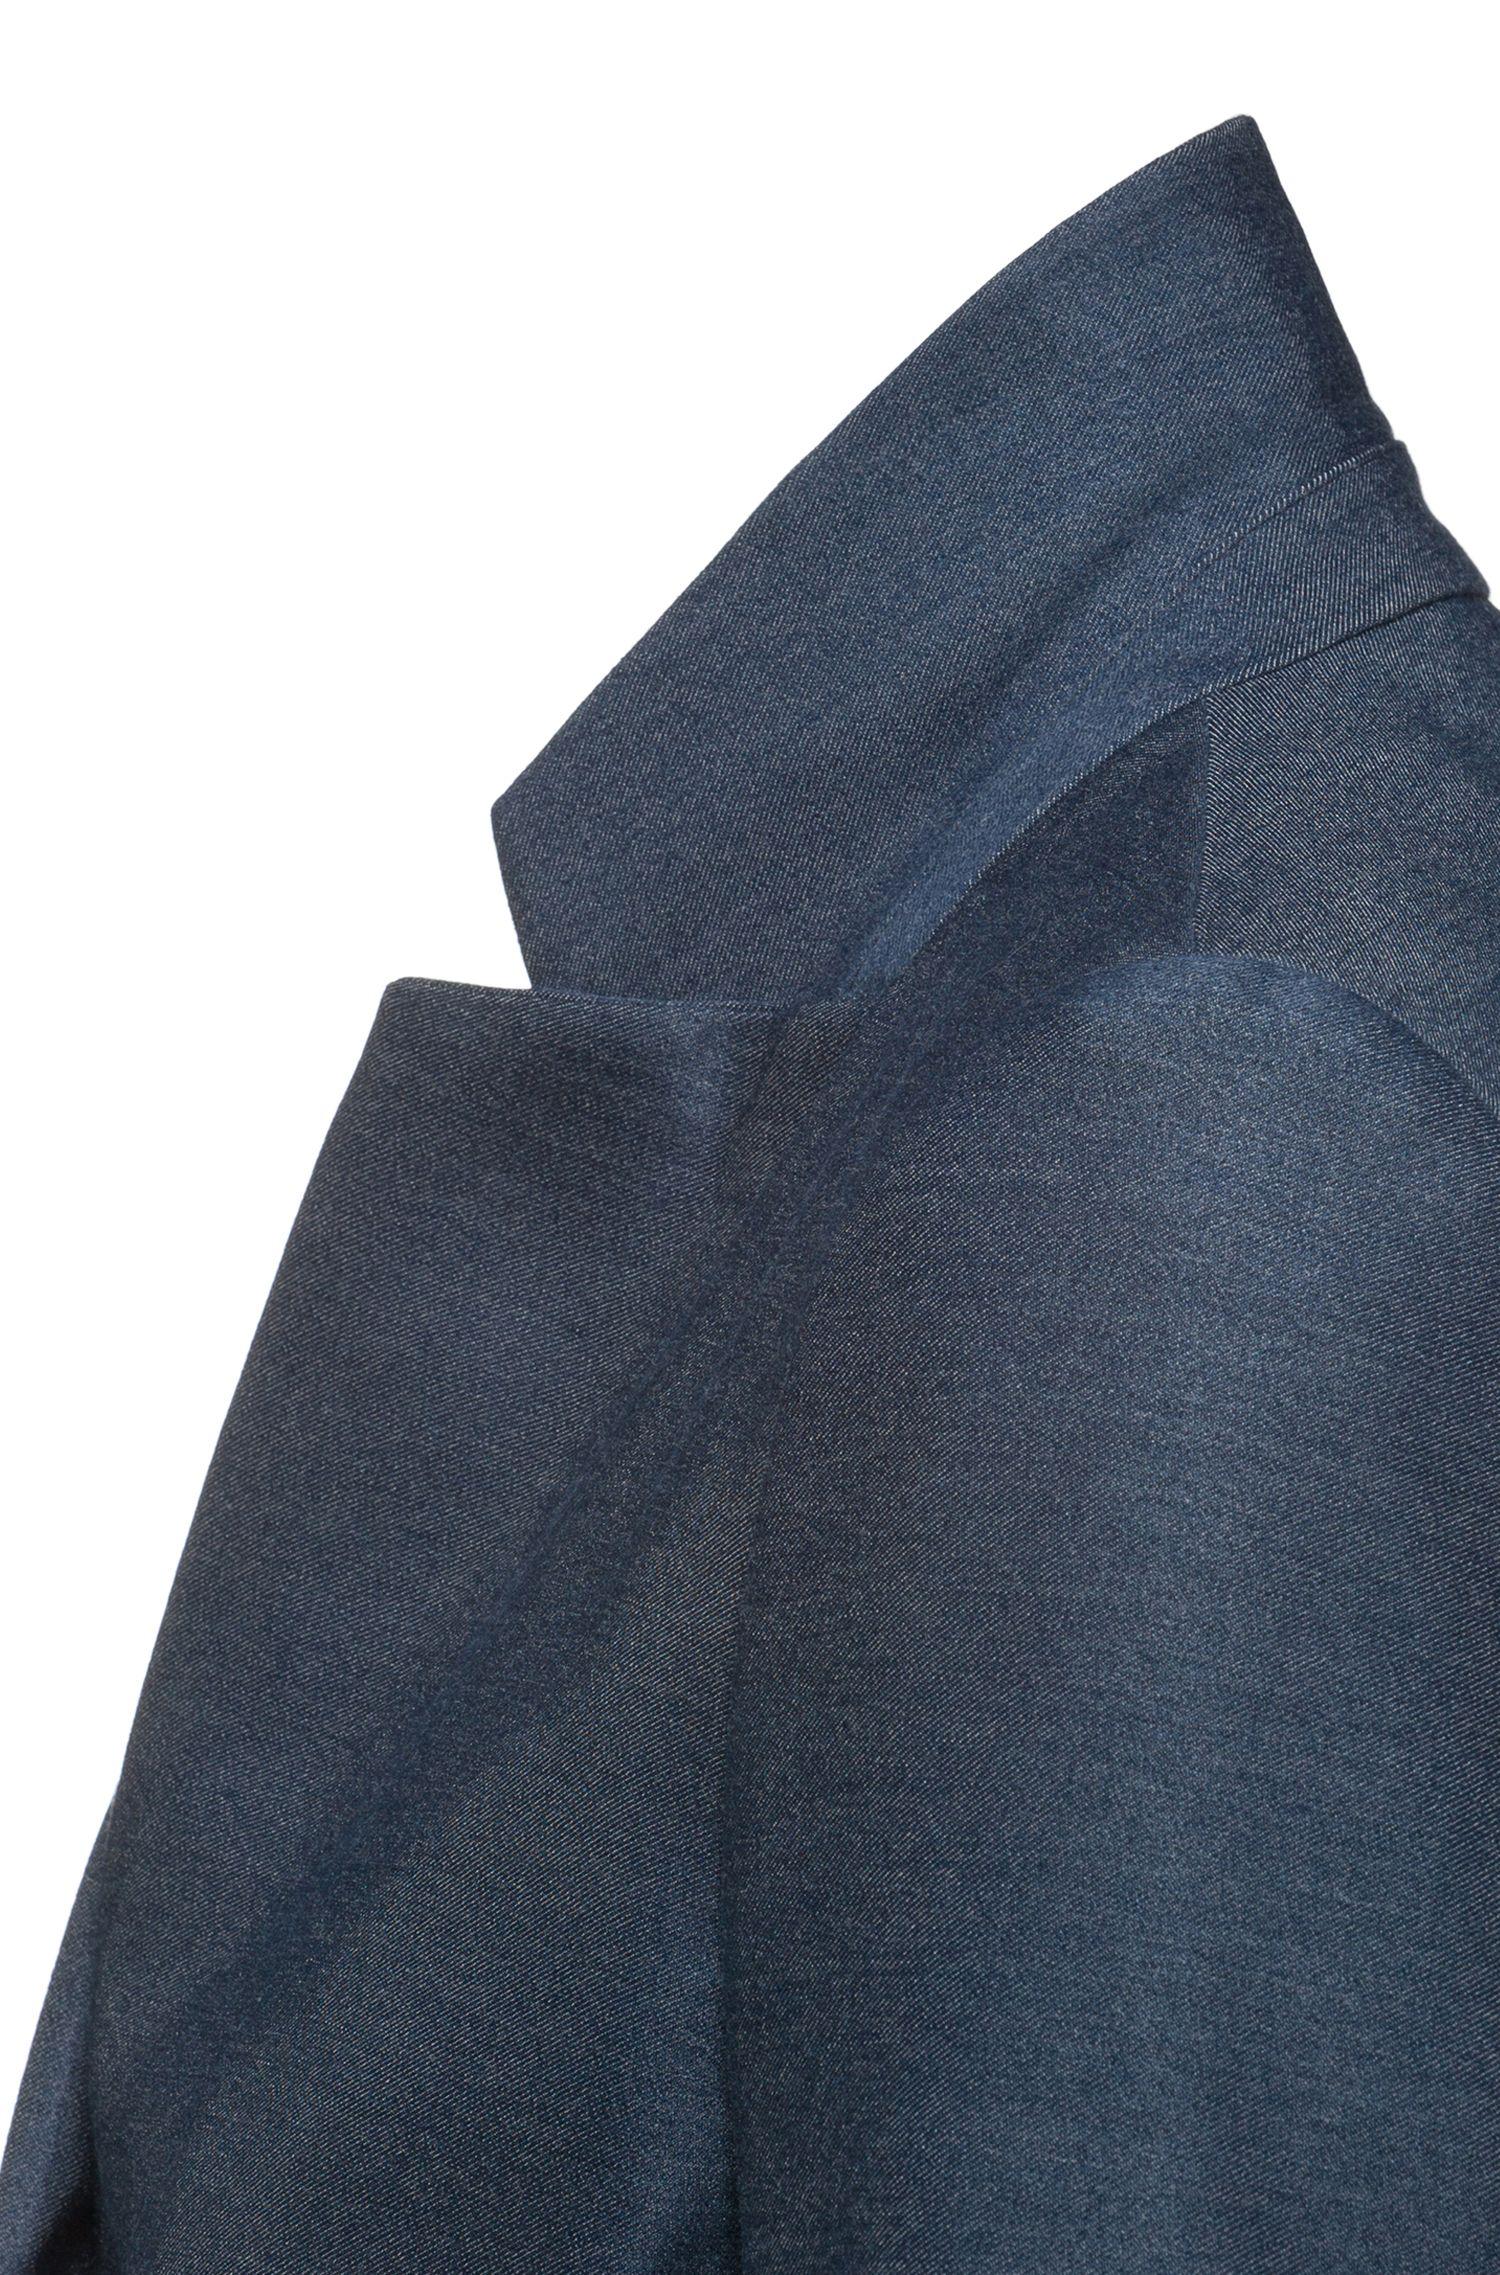 Slim-Fit Blazer aus schimmerndem Stretch-Gewebe, Dunkelblau